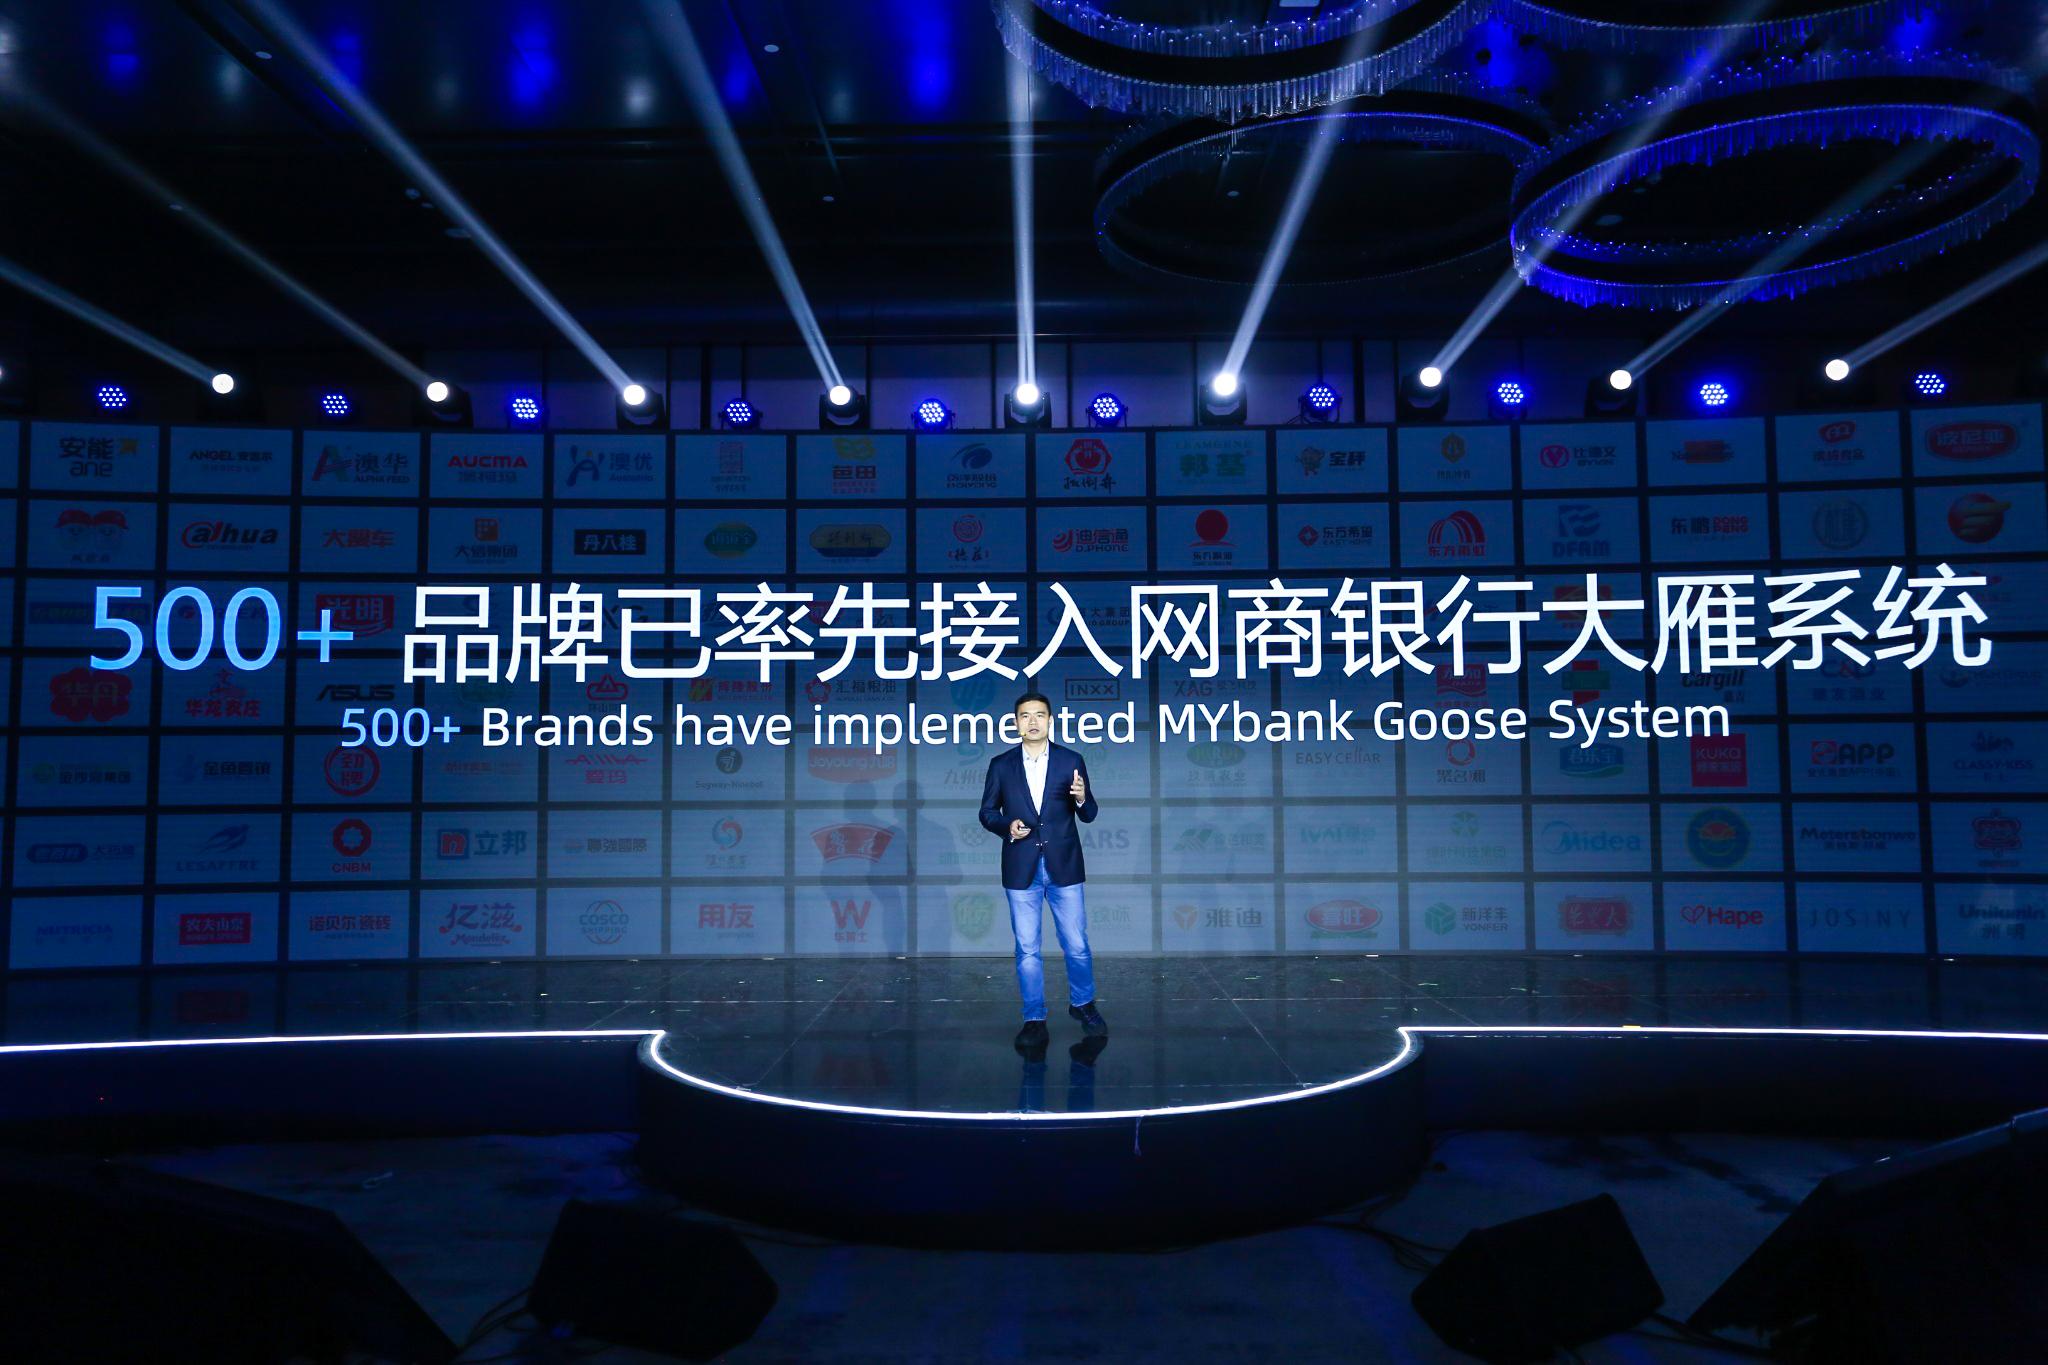 """""""网商银行发布""""大雁系统""""超500家品牌接入 供应链金融进入数字化时代"""